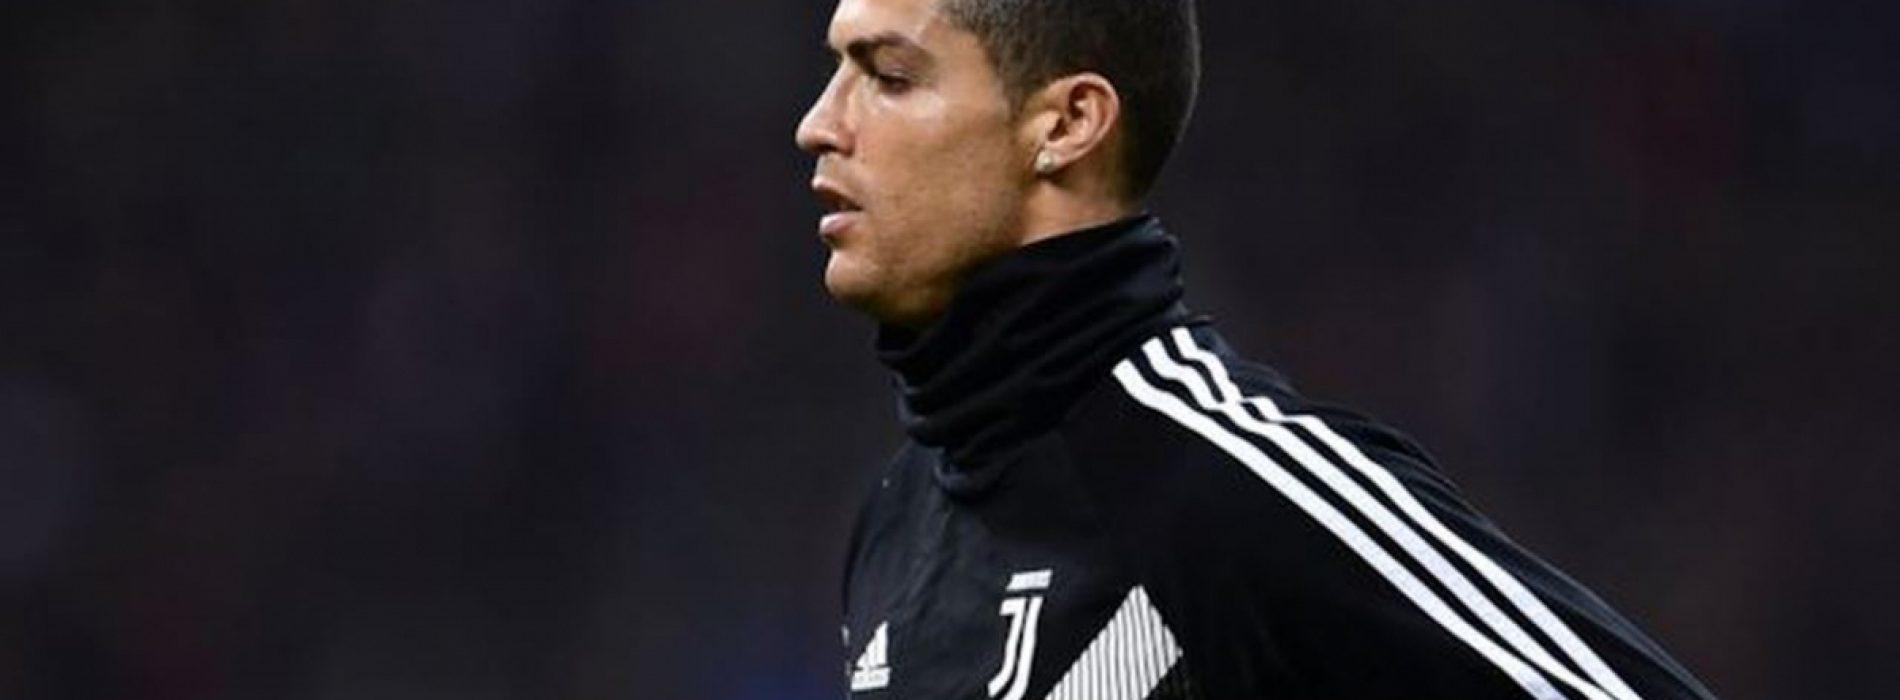 CR7: nessuno come lui! Record di gol nelle qualificazioni europee